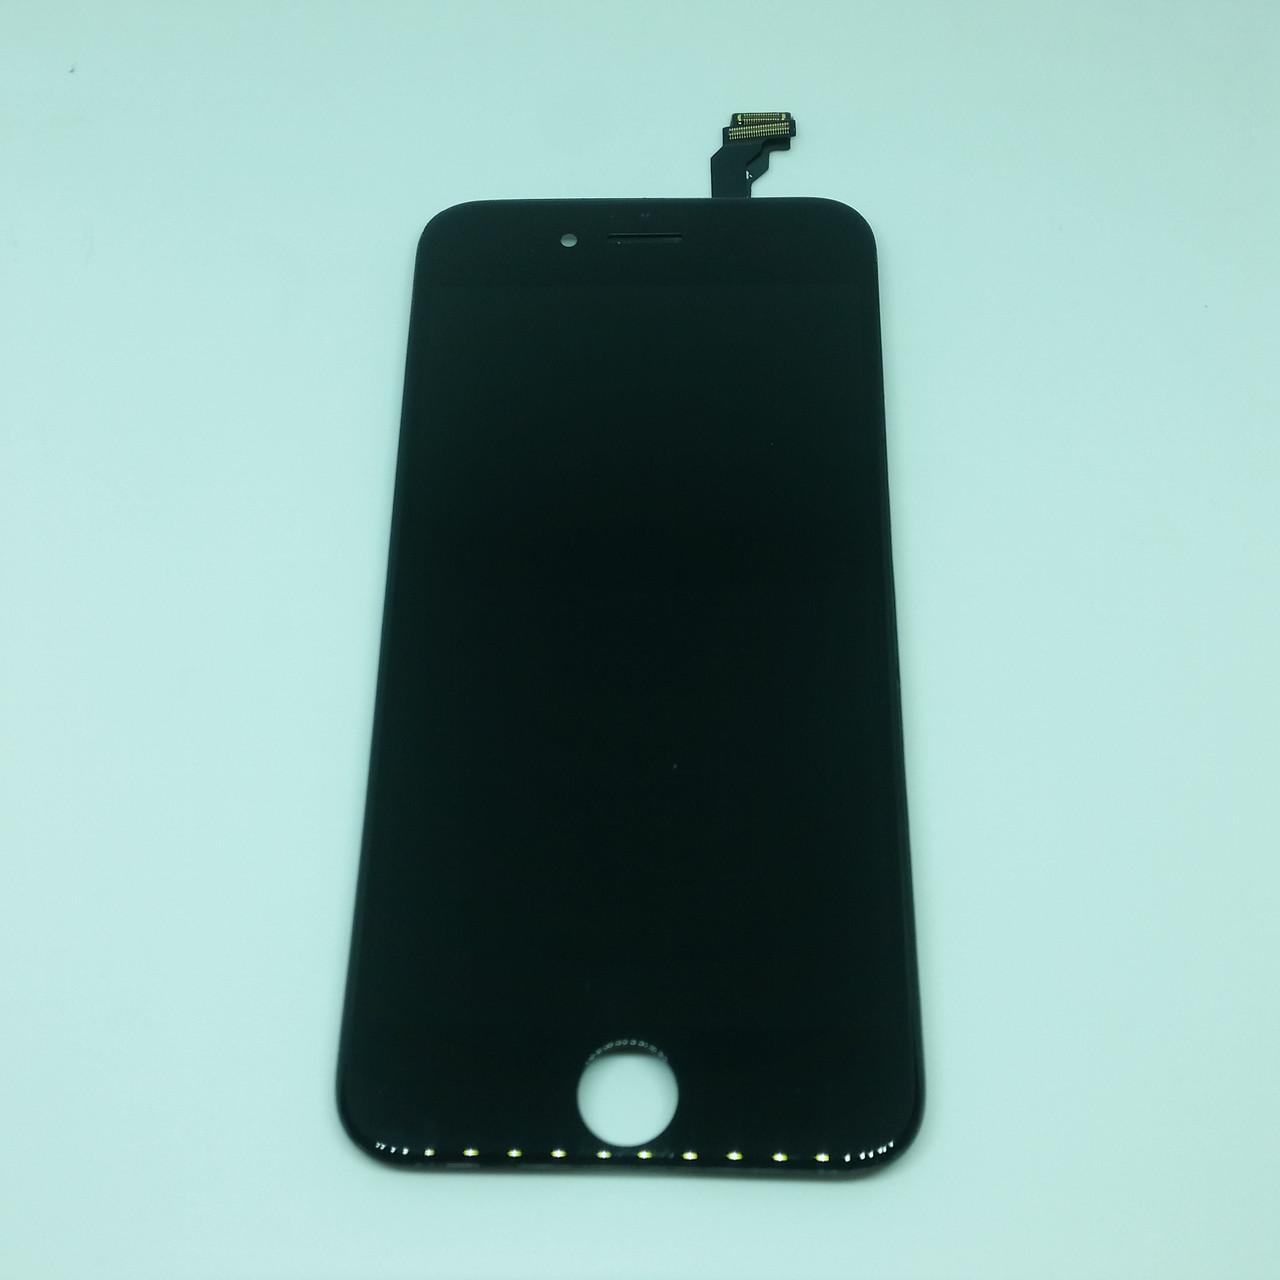 Оригинальный дисплейный модуль с переклеенным стеклом Apple iPhone 6 Black